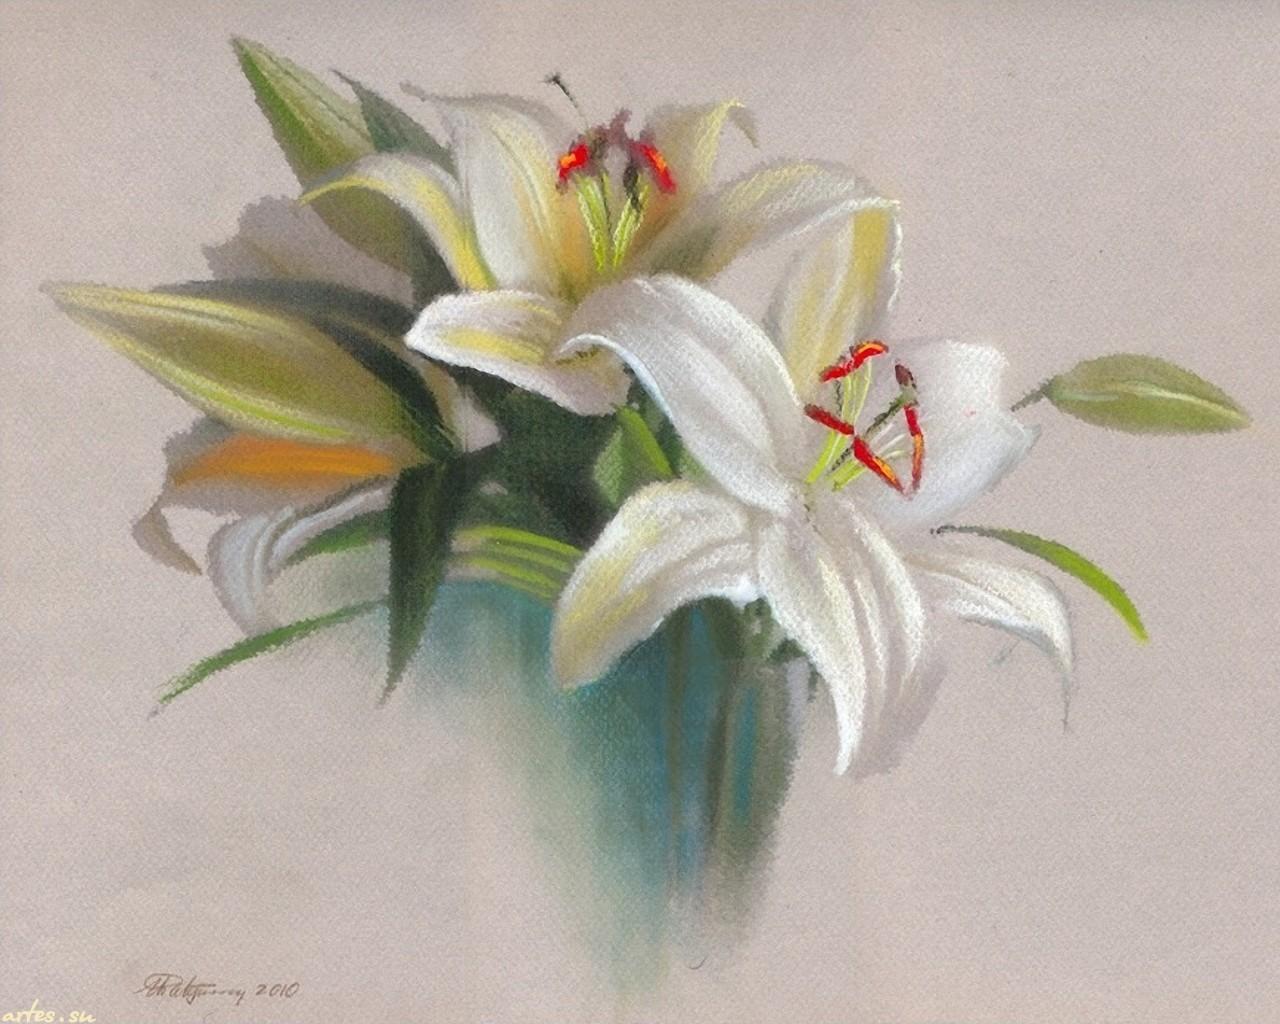 Фото белой лилии